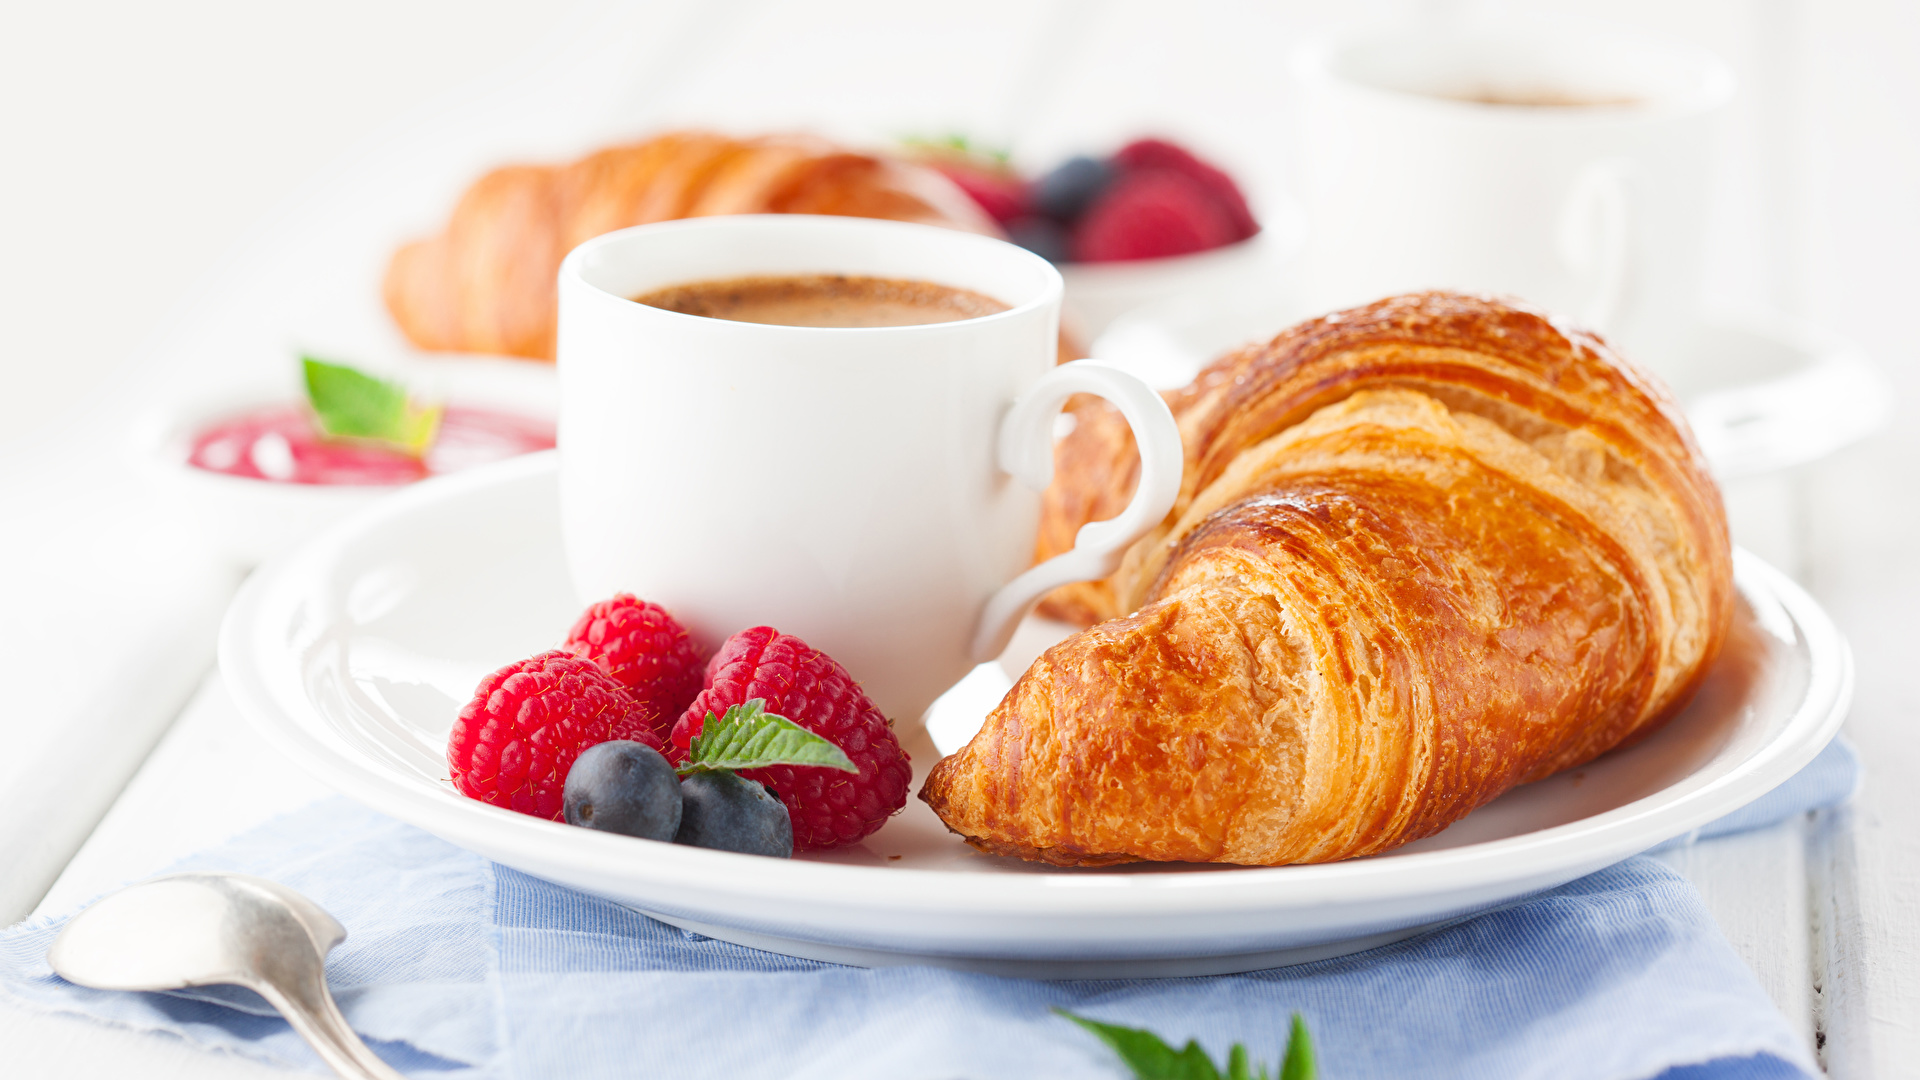 Bilder von Kaffee Croissant Frühstück Himbeeren Heidelbeeren Tasse Lebensmittel 1920x1080